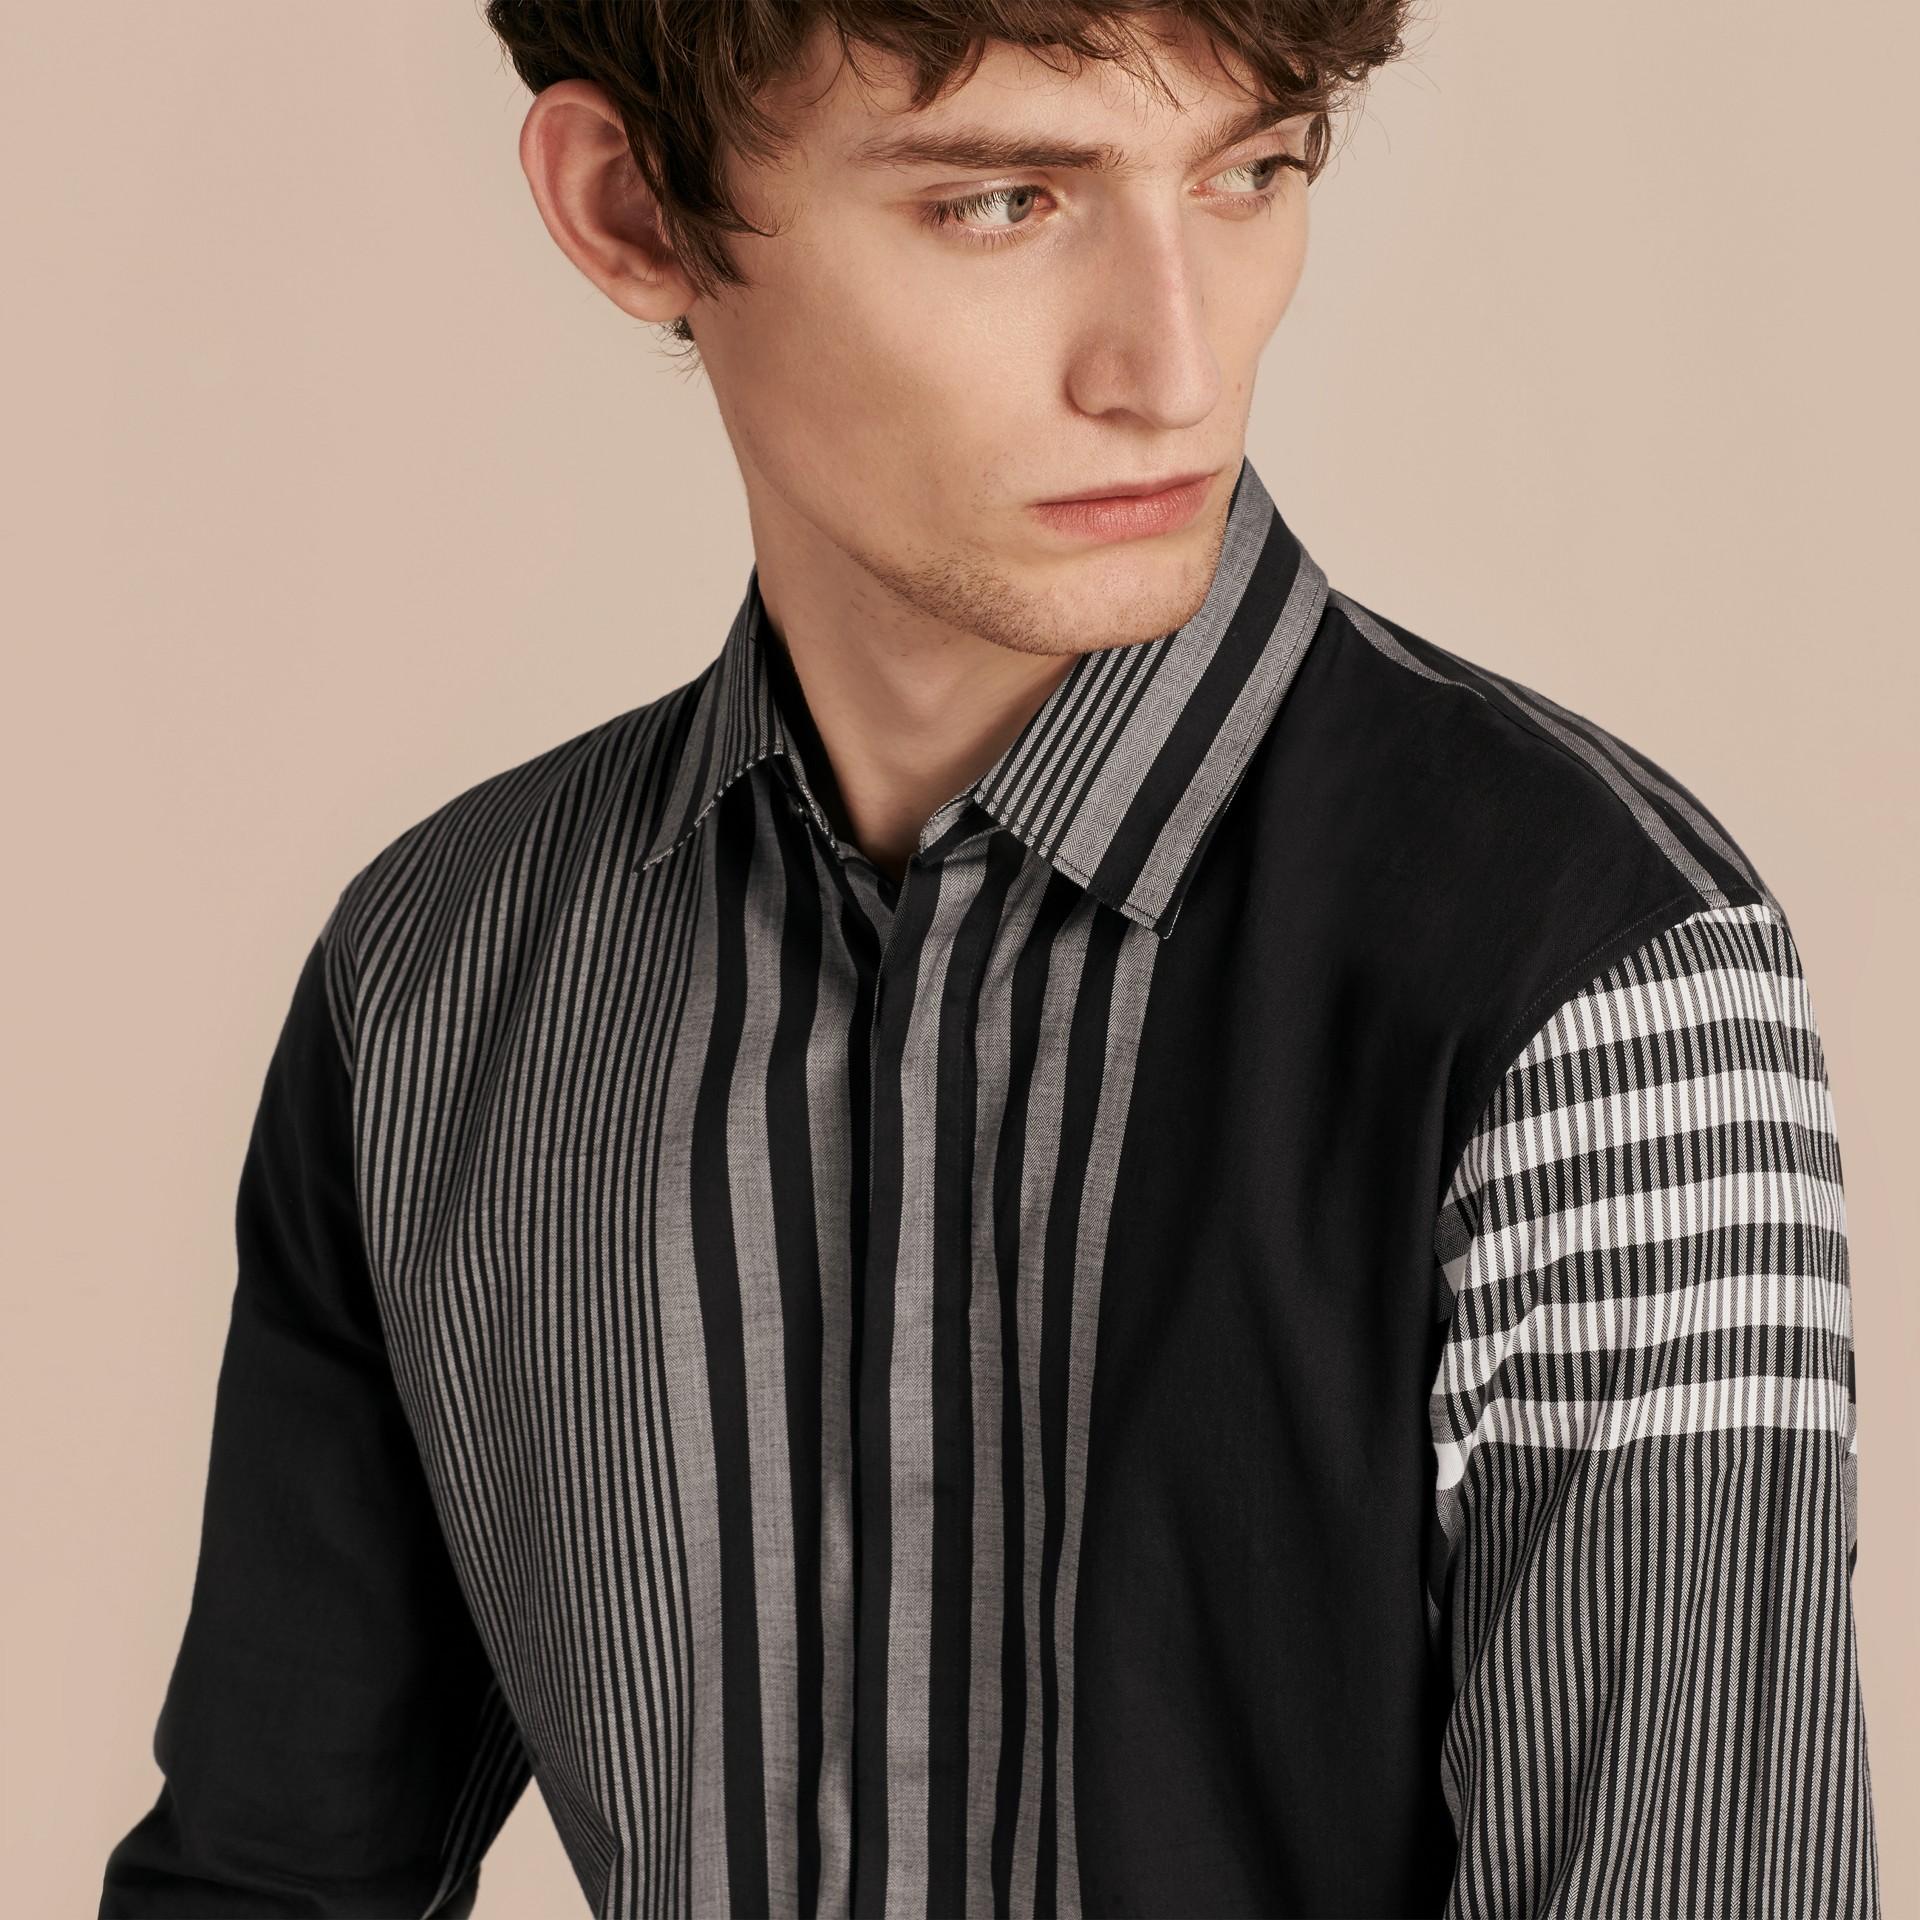 Nero Camicia in cotone con motivo check grafico Nero - immagine della galleria 5